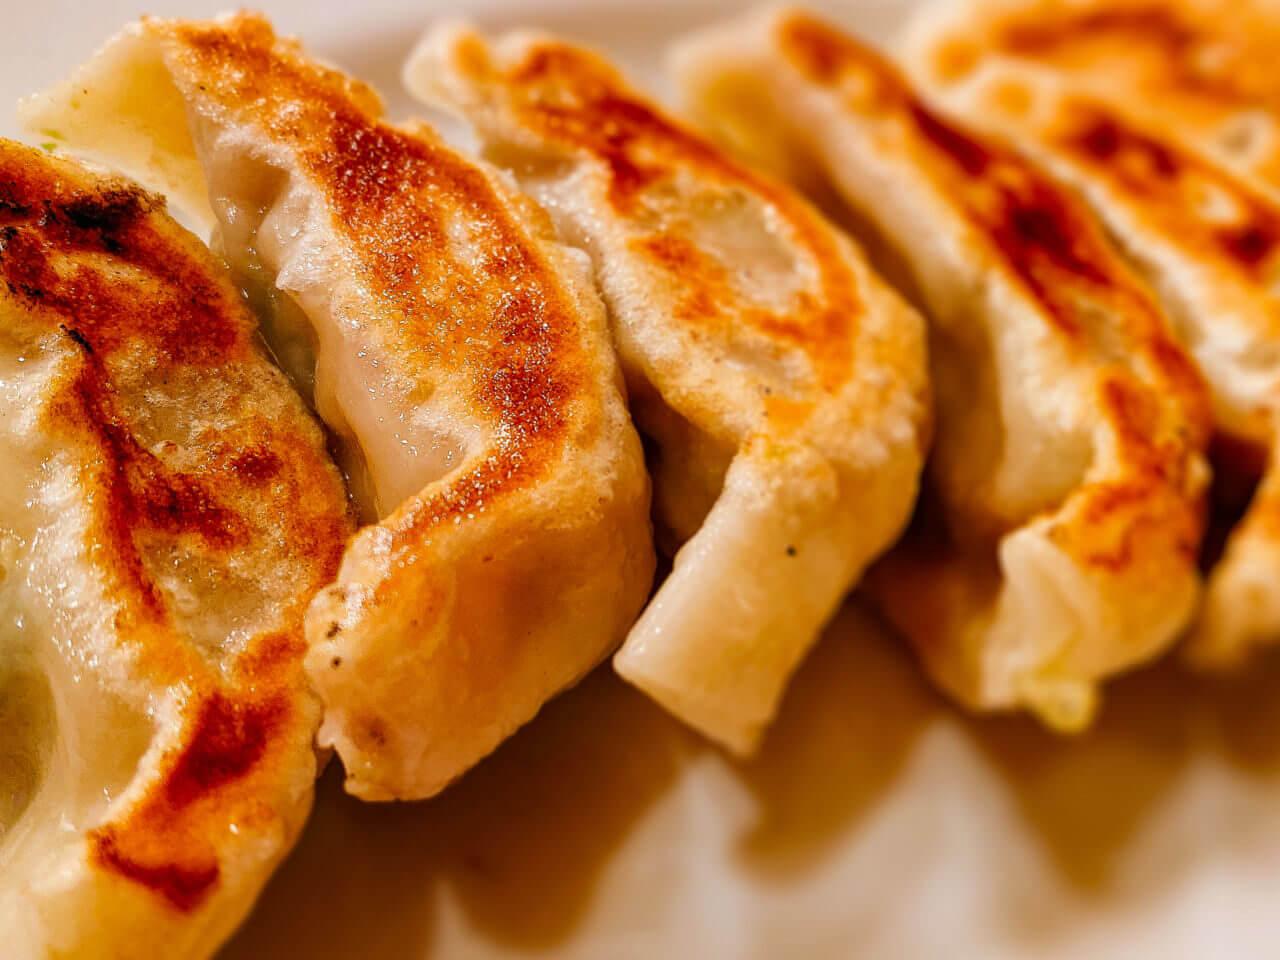 香湯ラーメン ちょろり 恵比寿店 特製ギョーザ